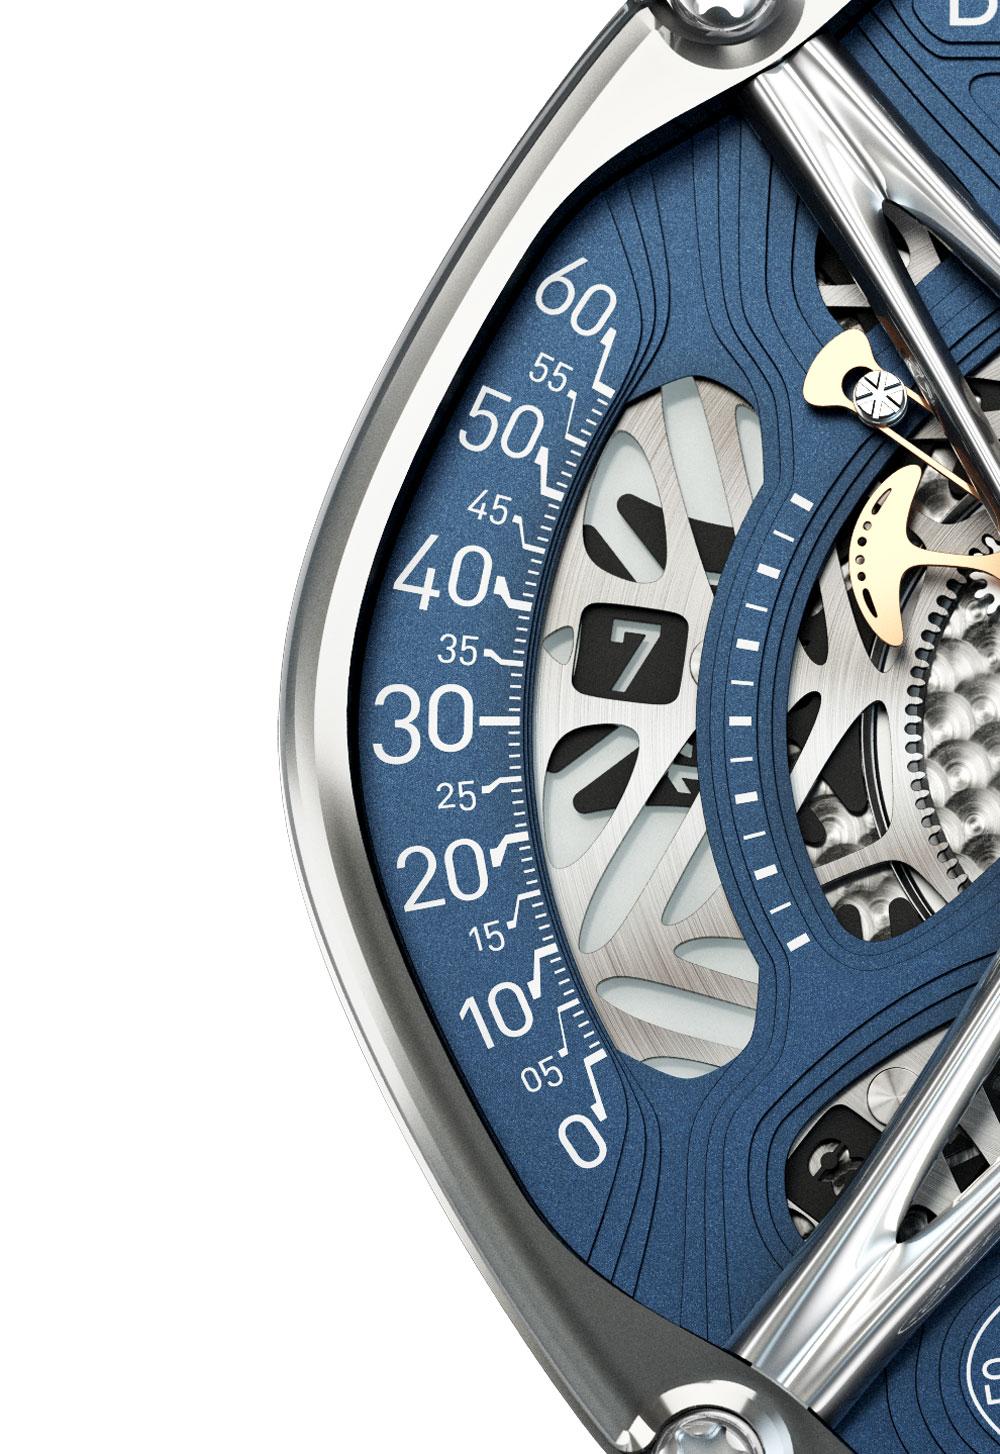 Reloj Perception de Dietrich indicador horas errantes